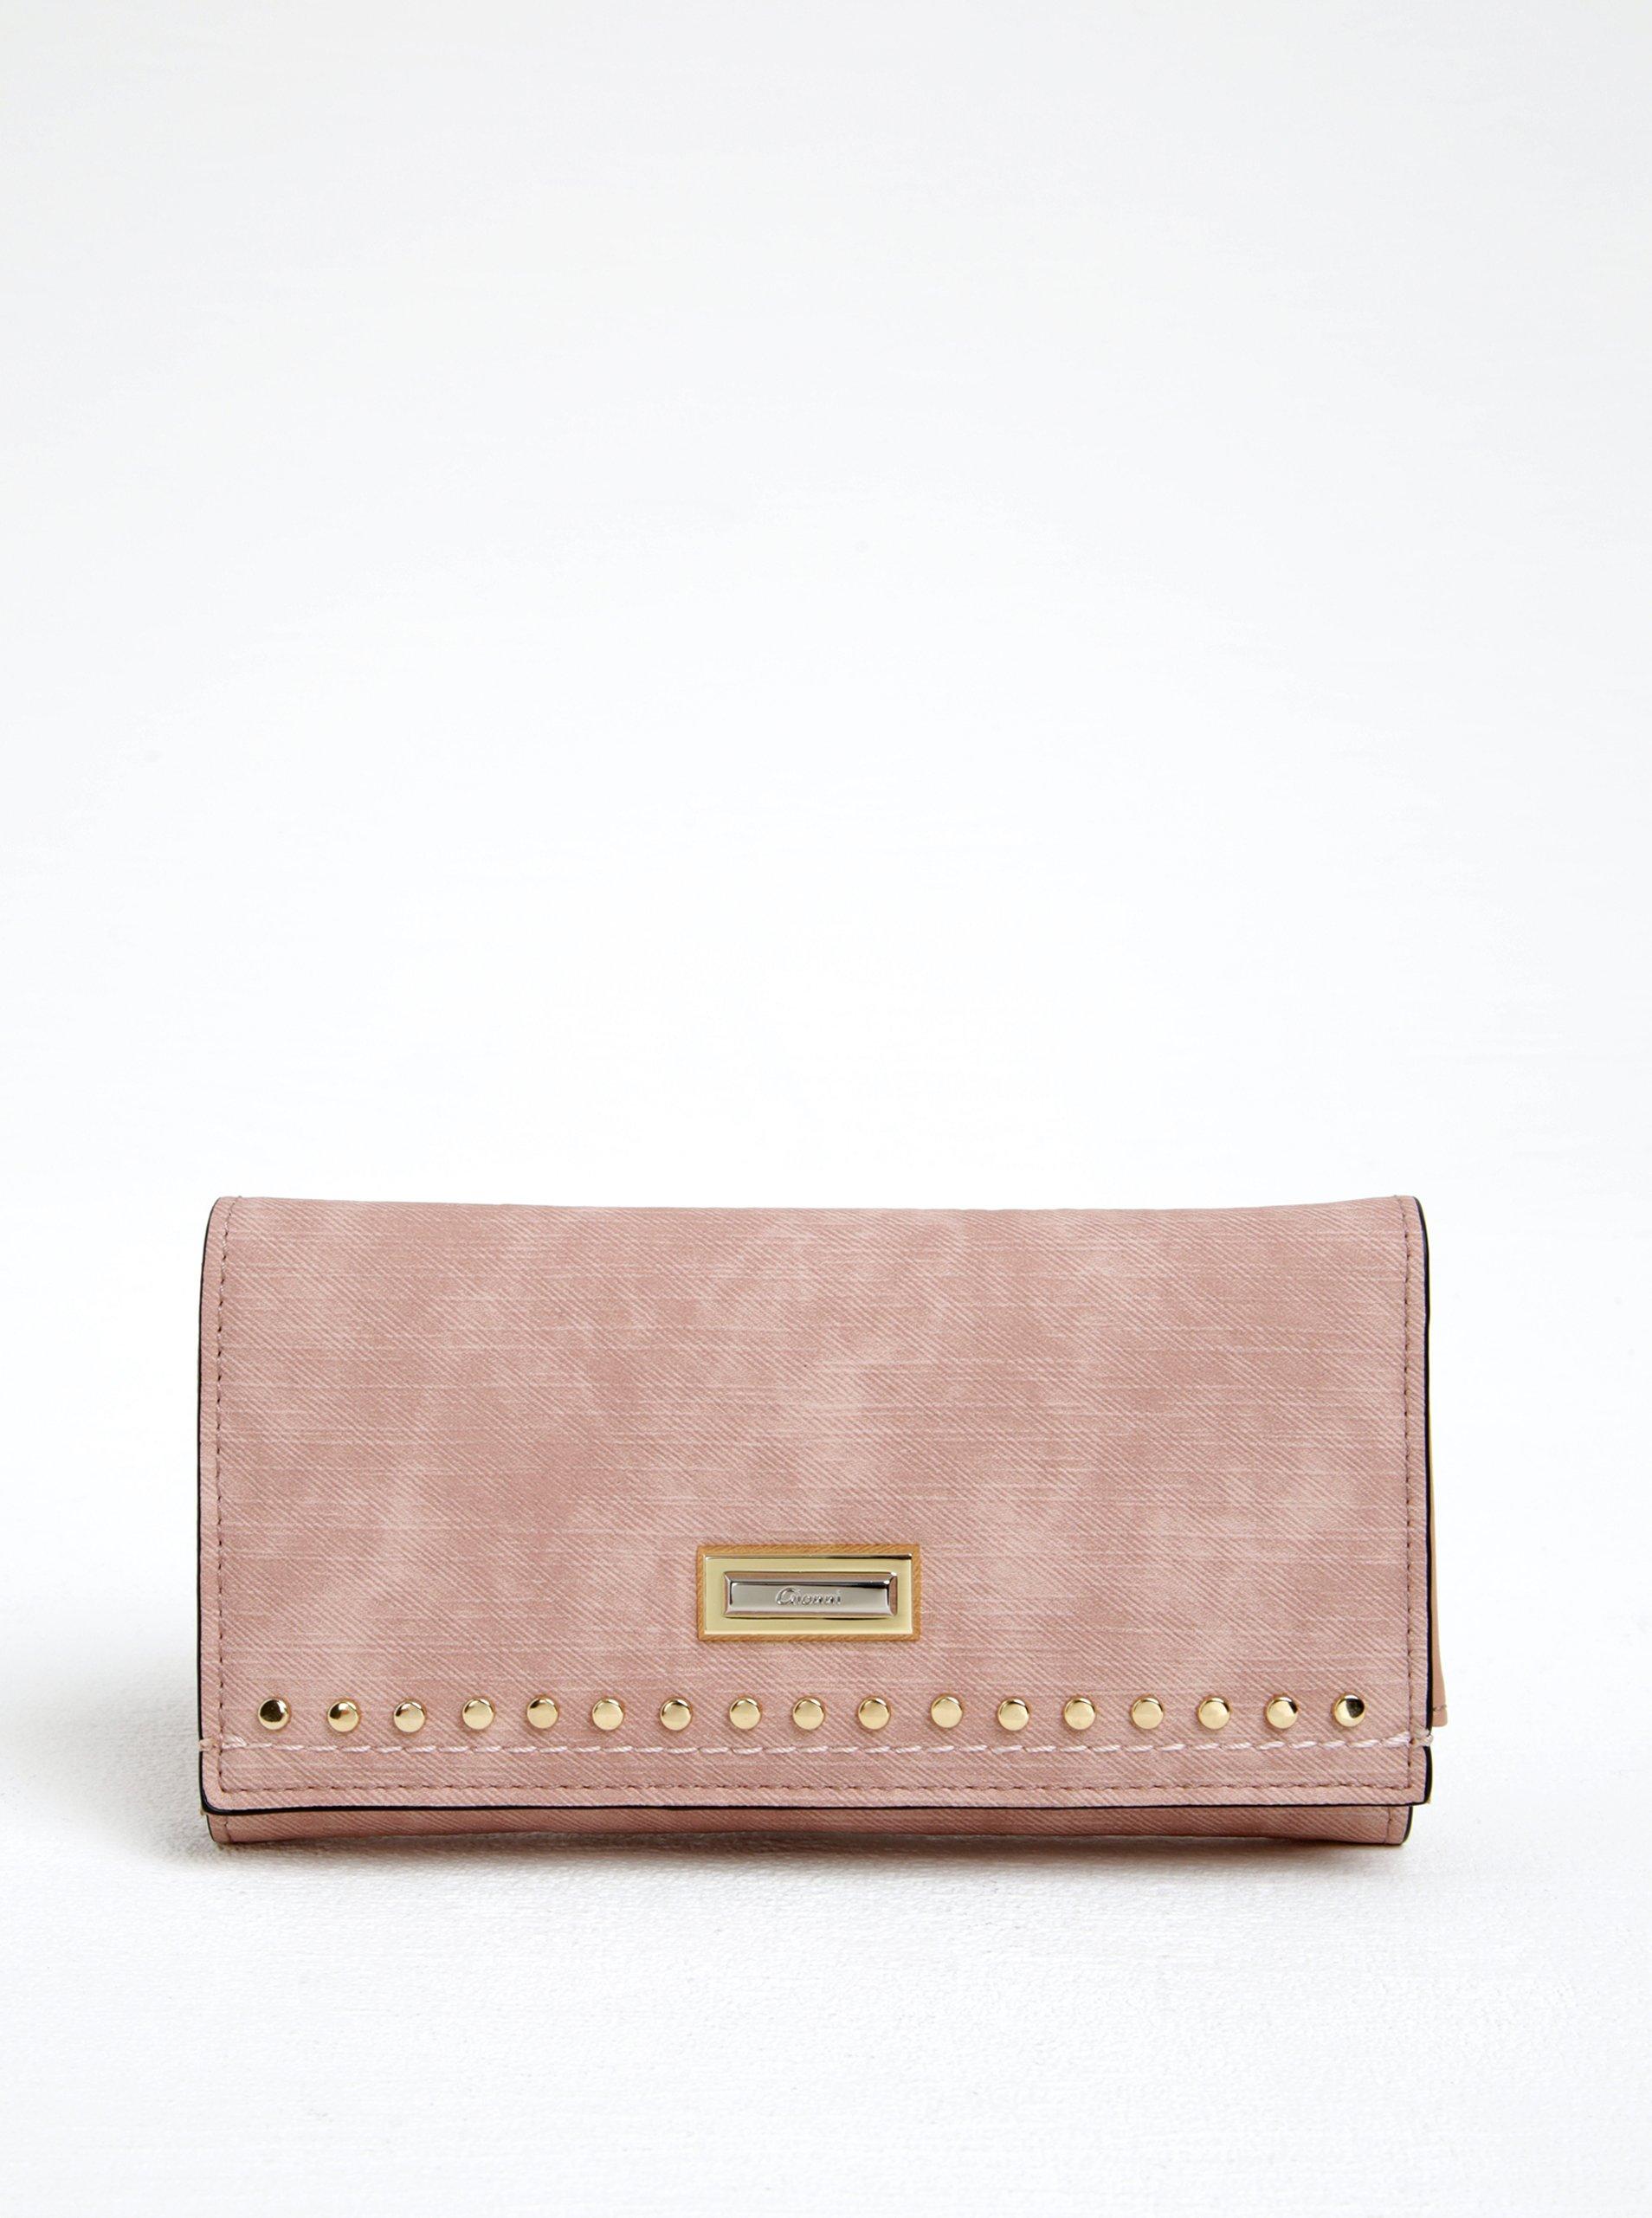 Růžová peněženka s detaily ve zlaté barvě Gionni Loretta